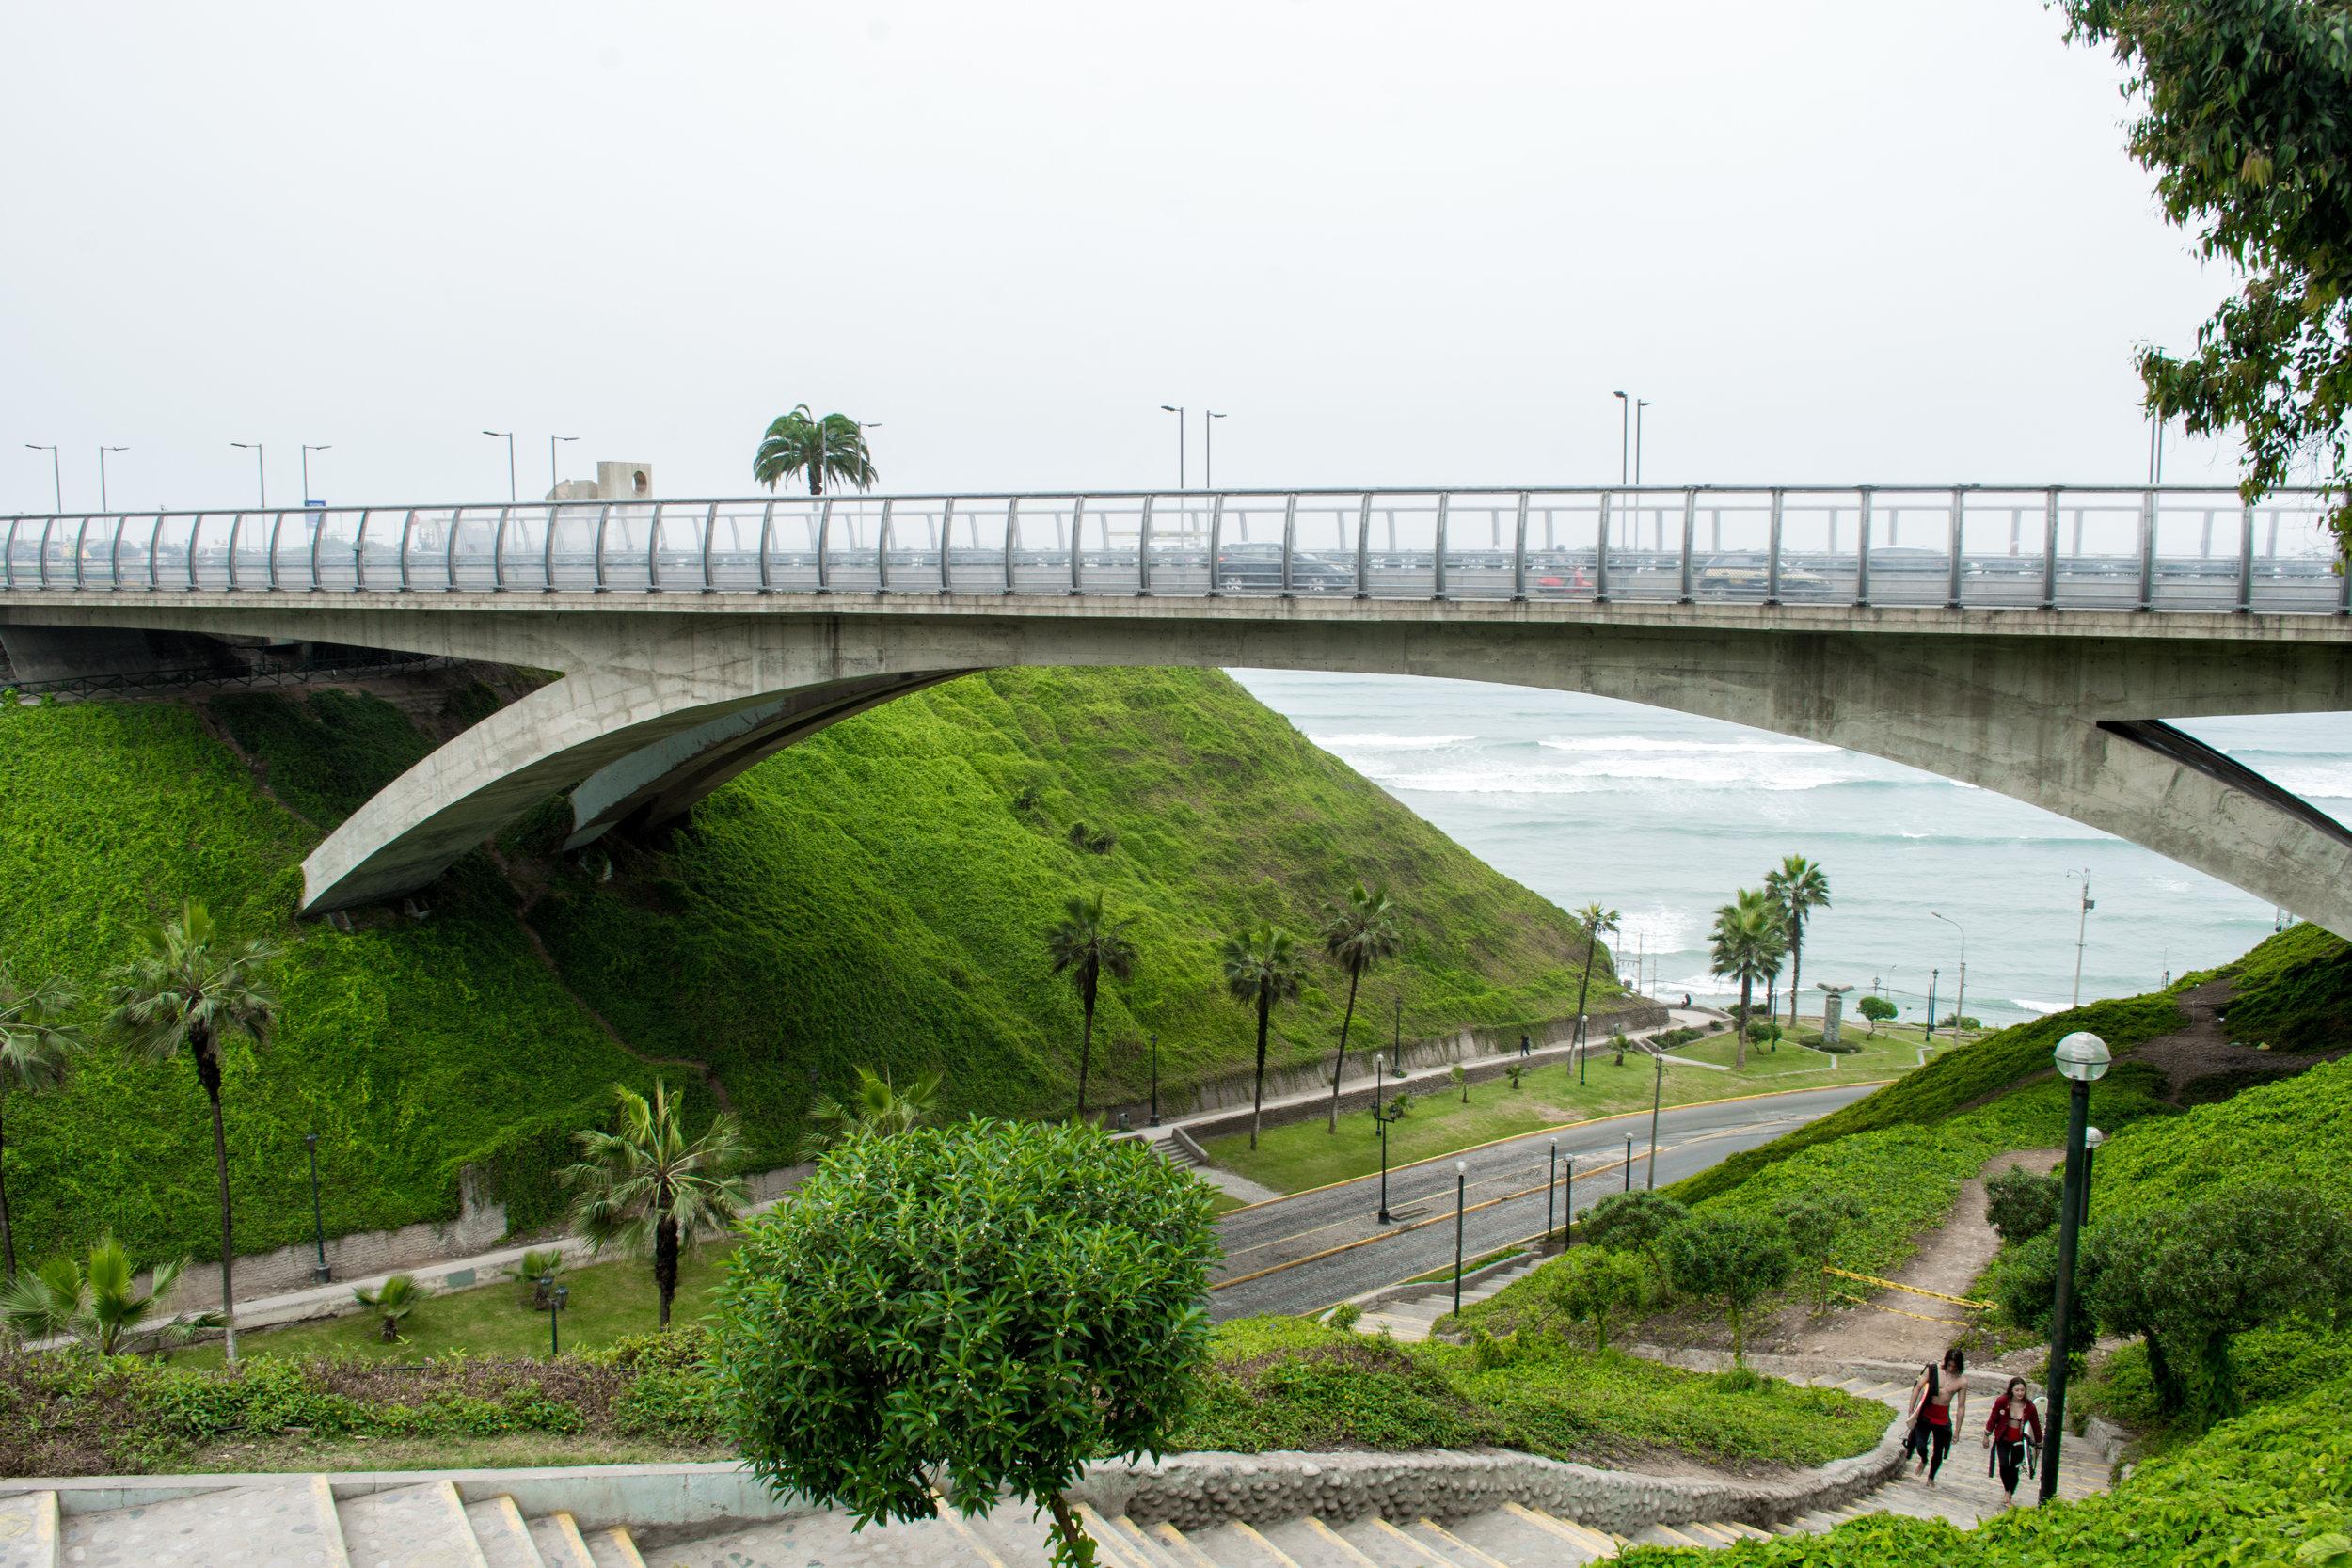 Mellizo Bridge in Miraflores